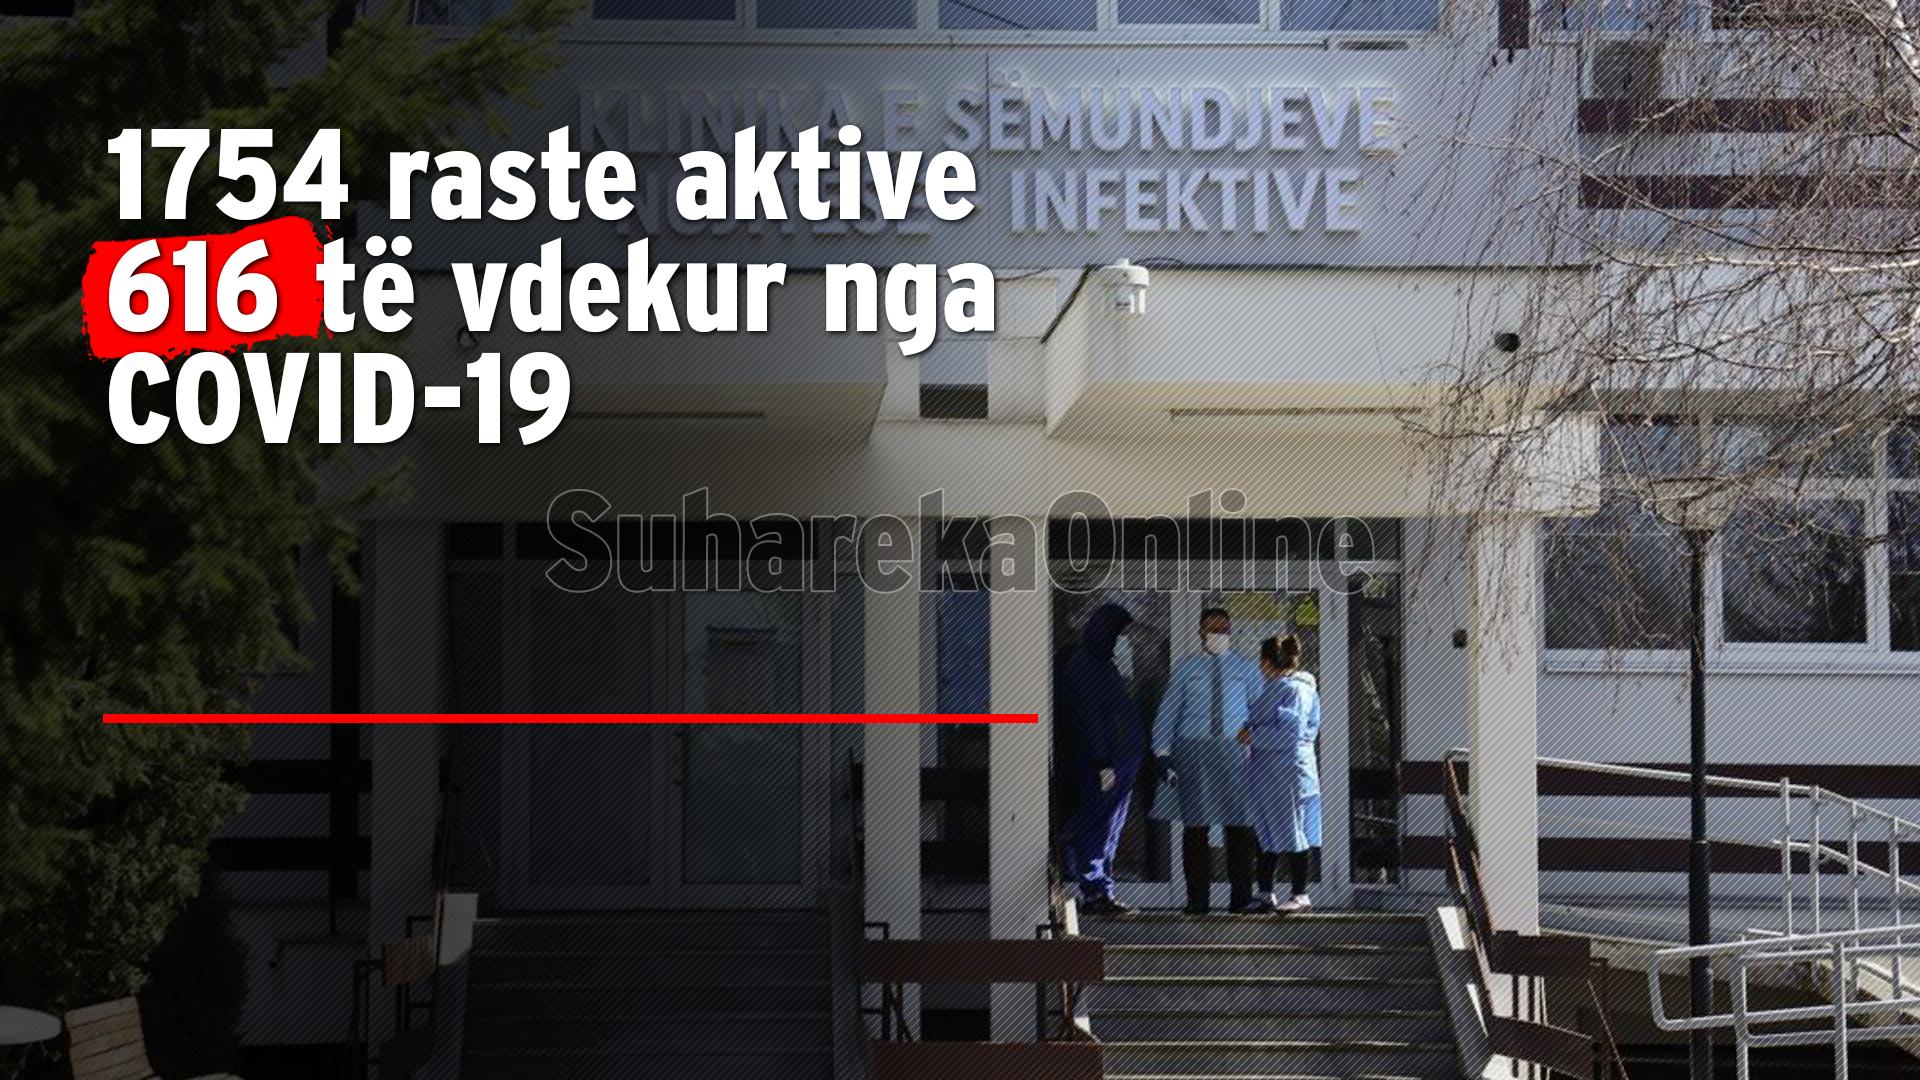 Deri më sot në Kosovë për COVID-19 u testuan rreth 64 mijë persona